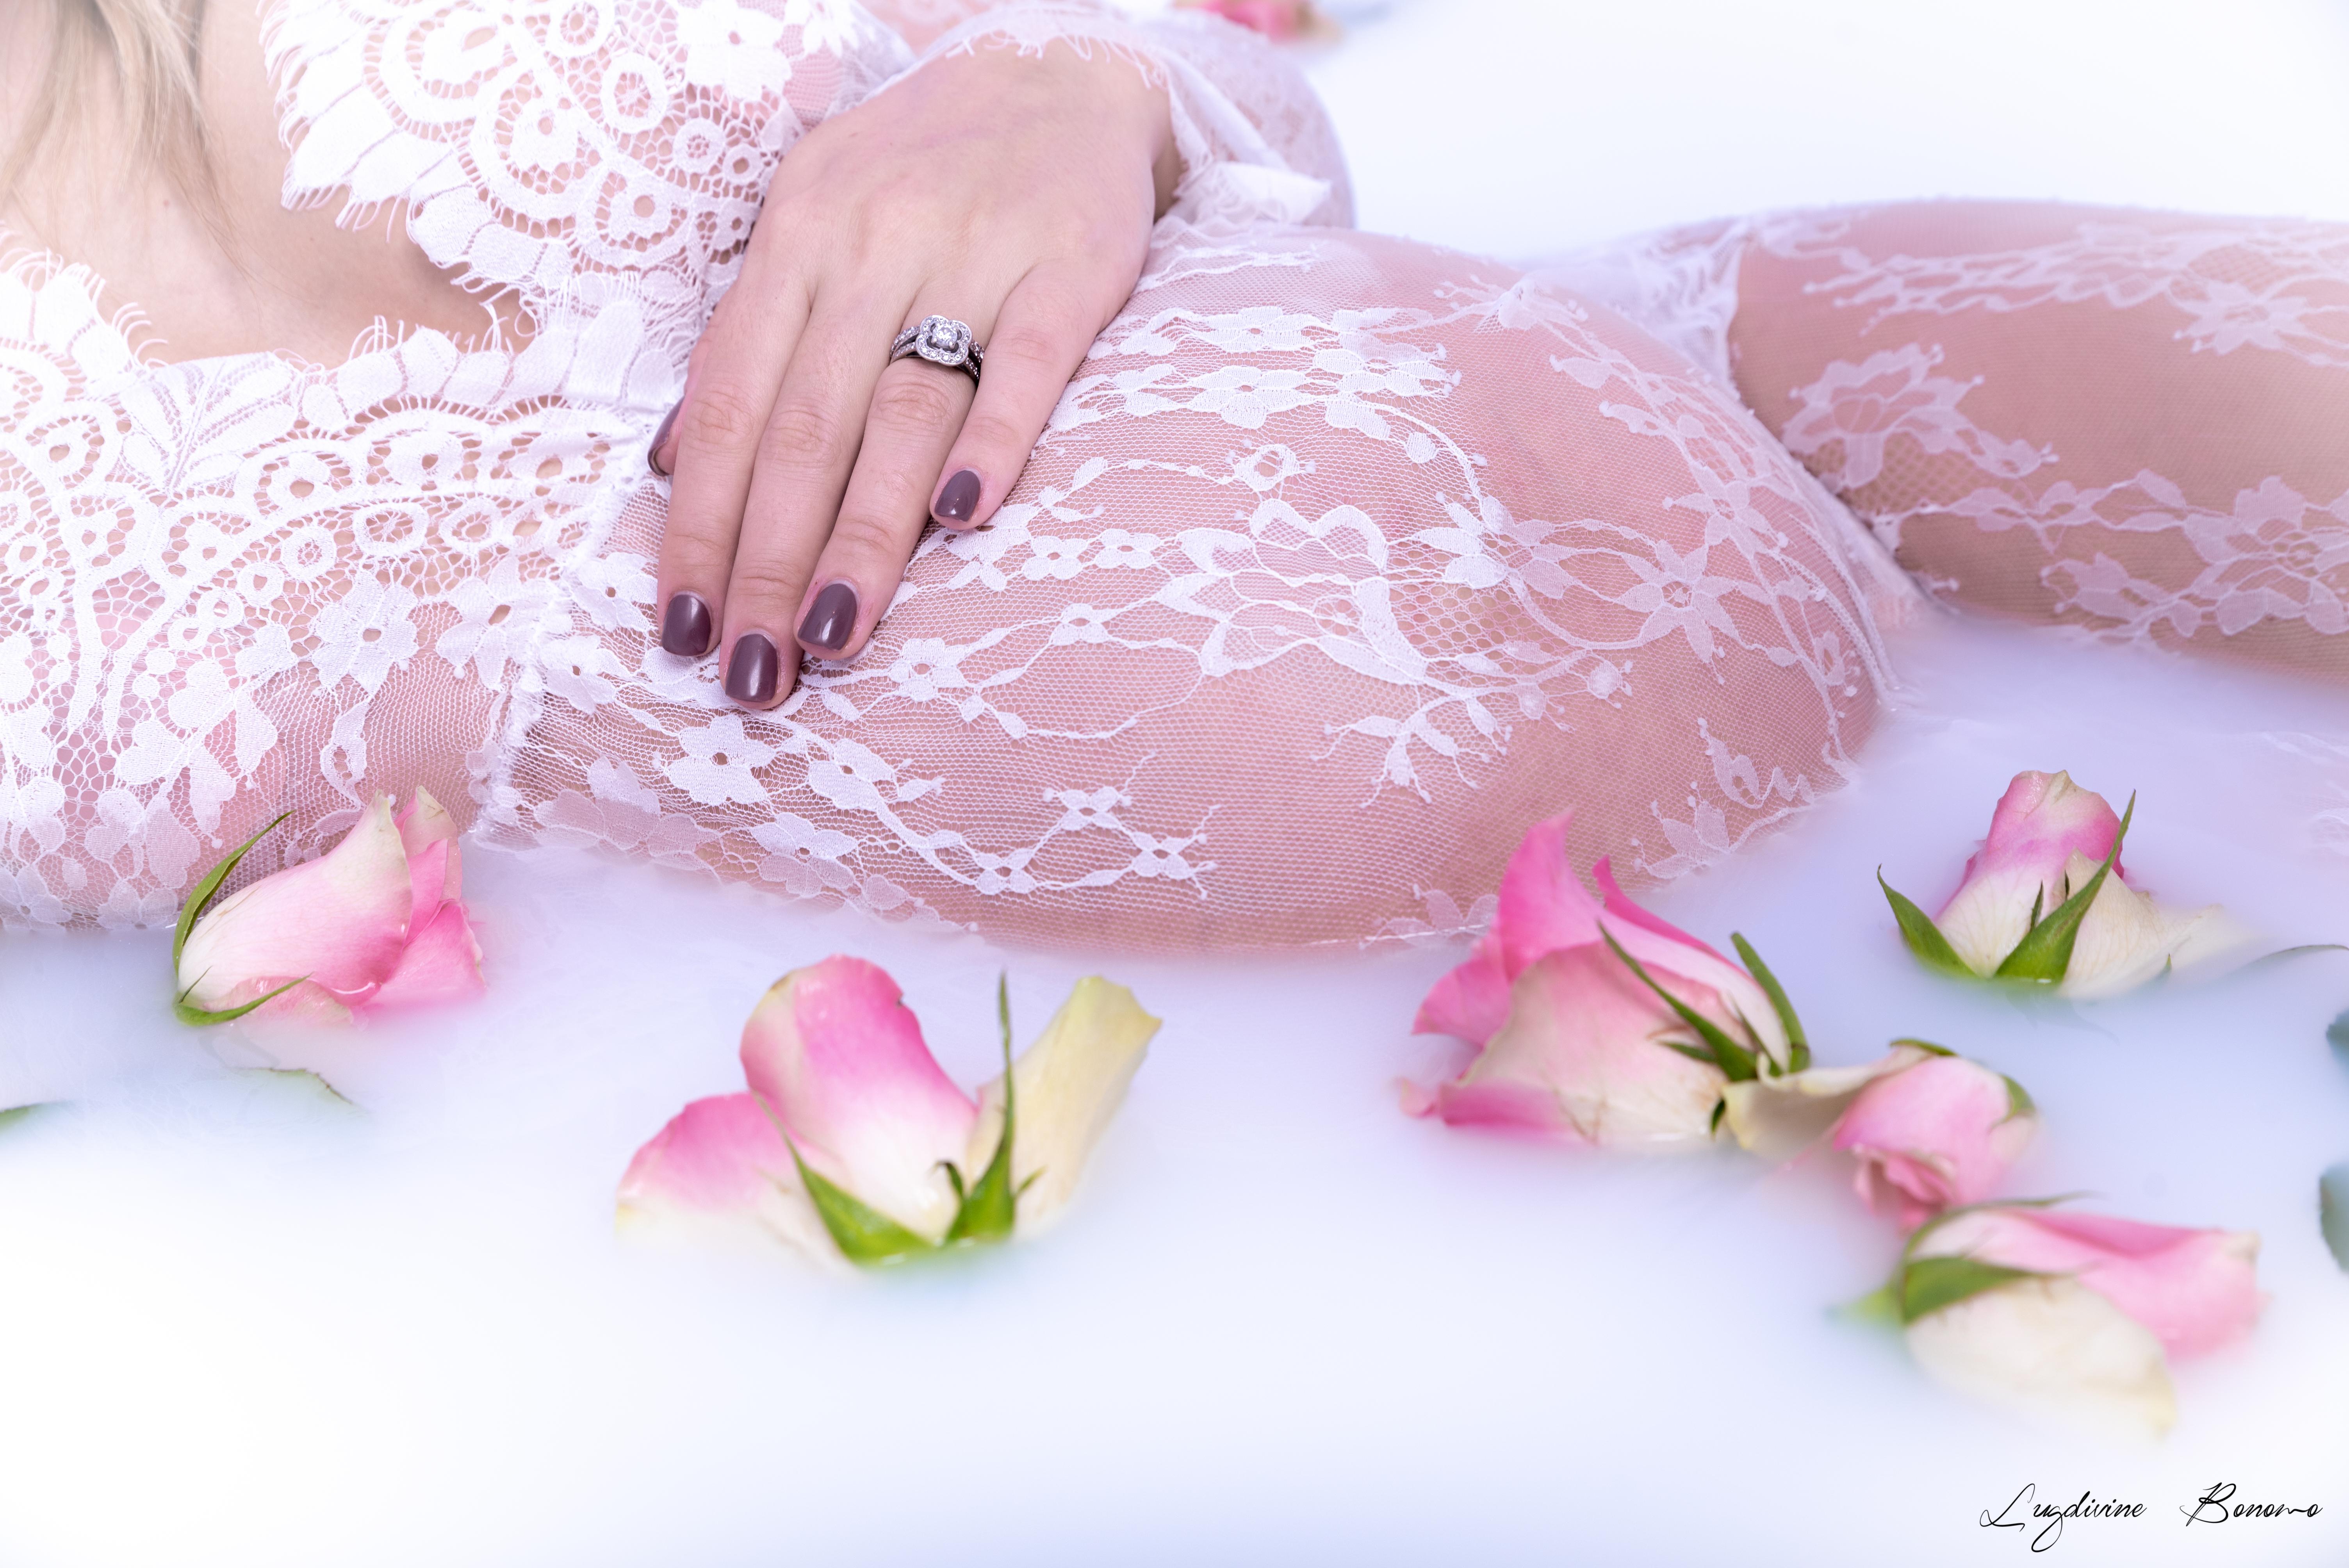 grossesse bain de lait fleur fraîche